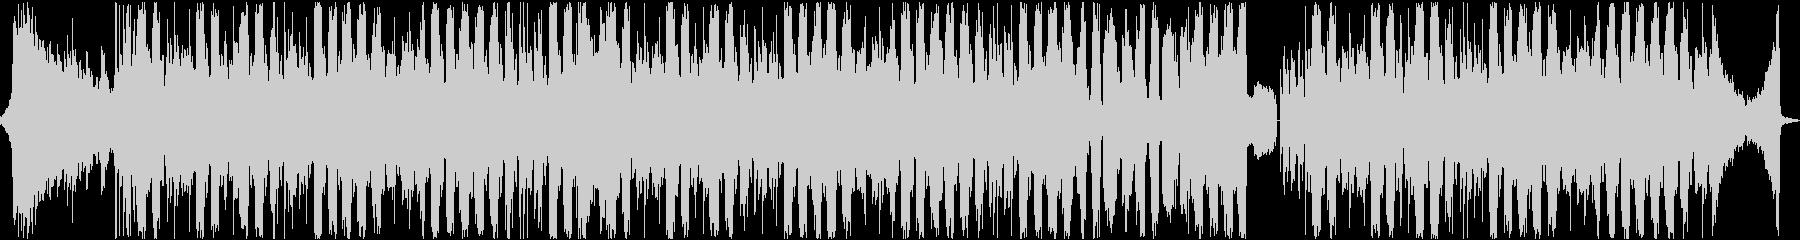 エスニックな雰囲気のコンプレクストロの未再生の波形